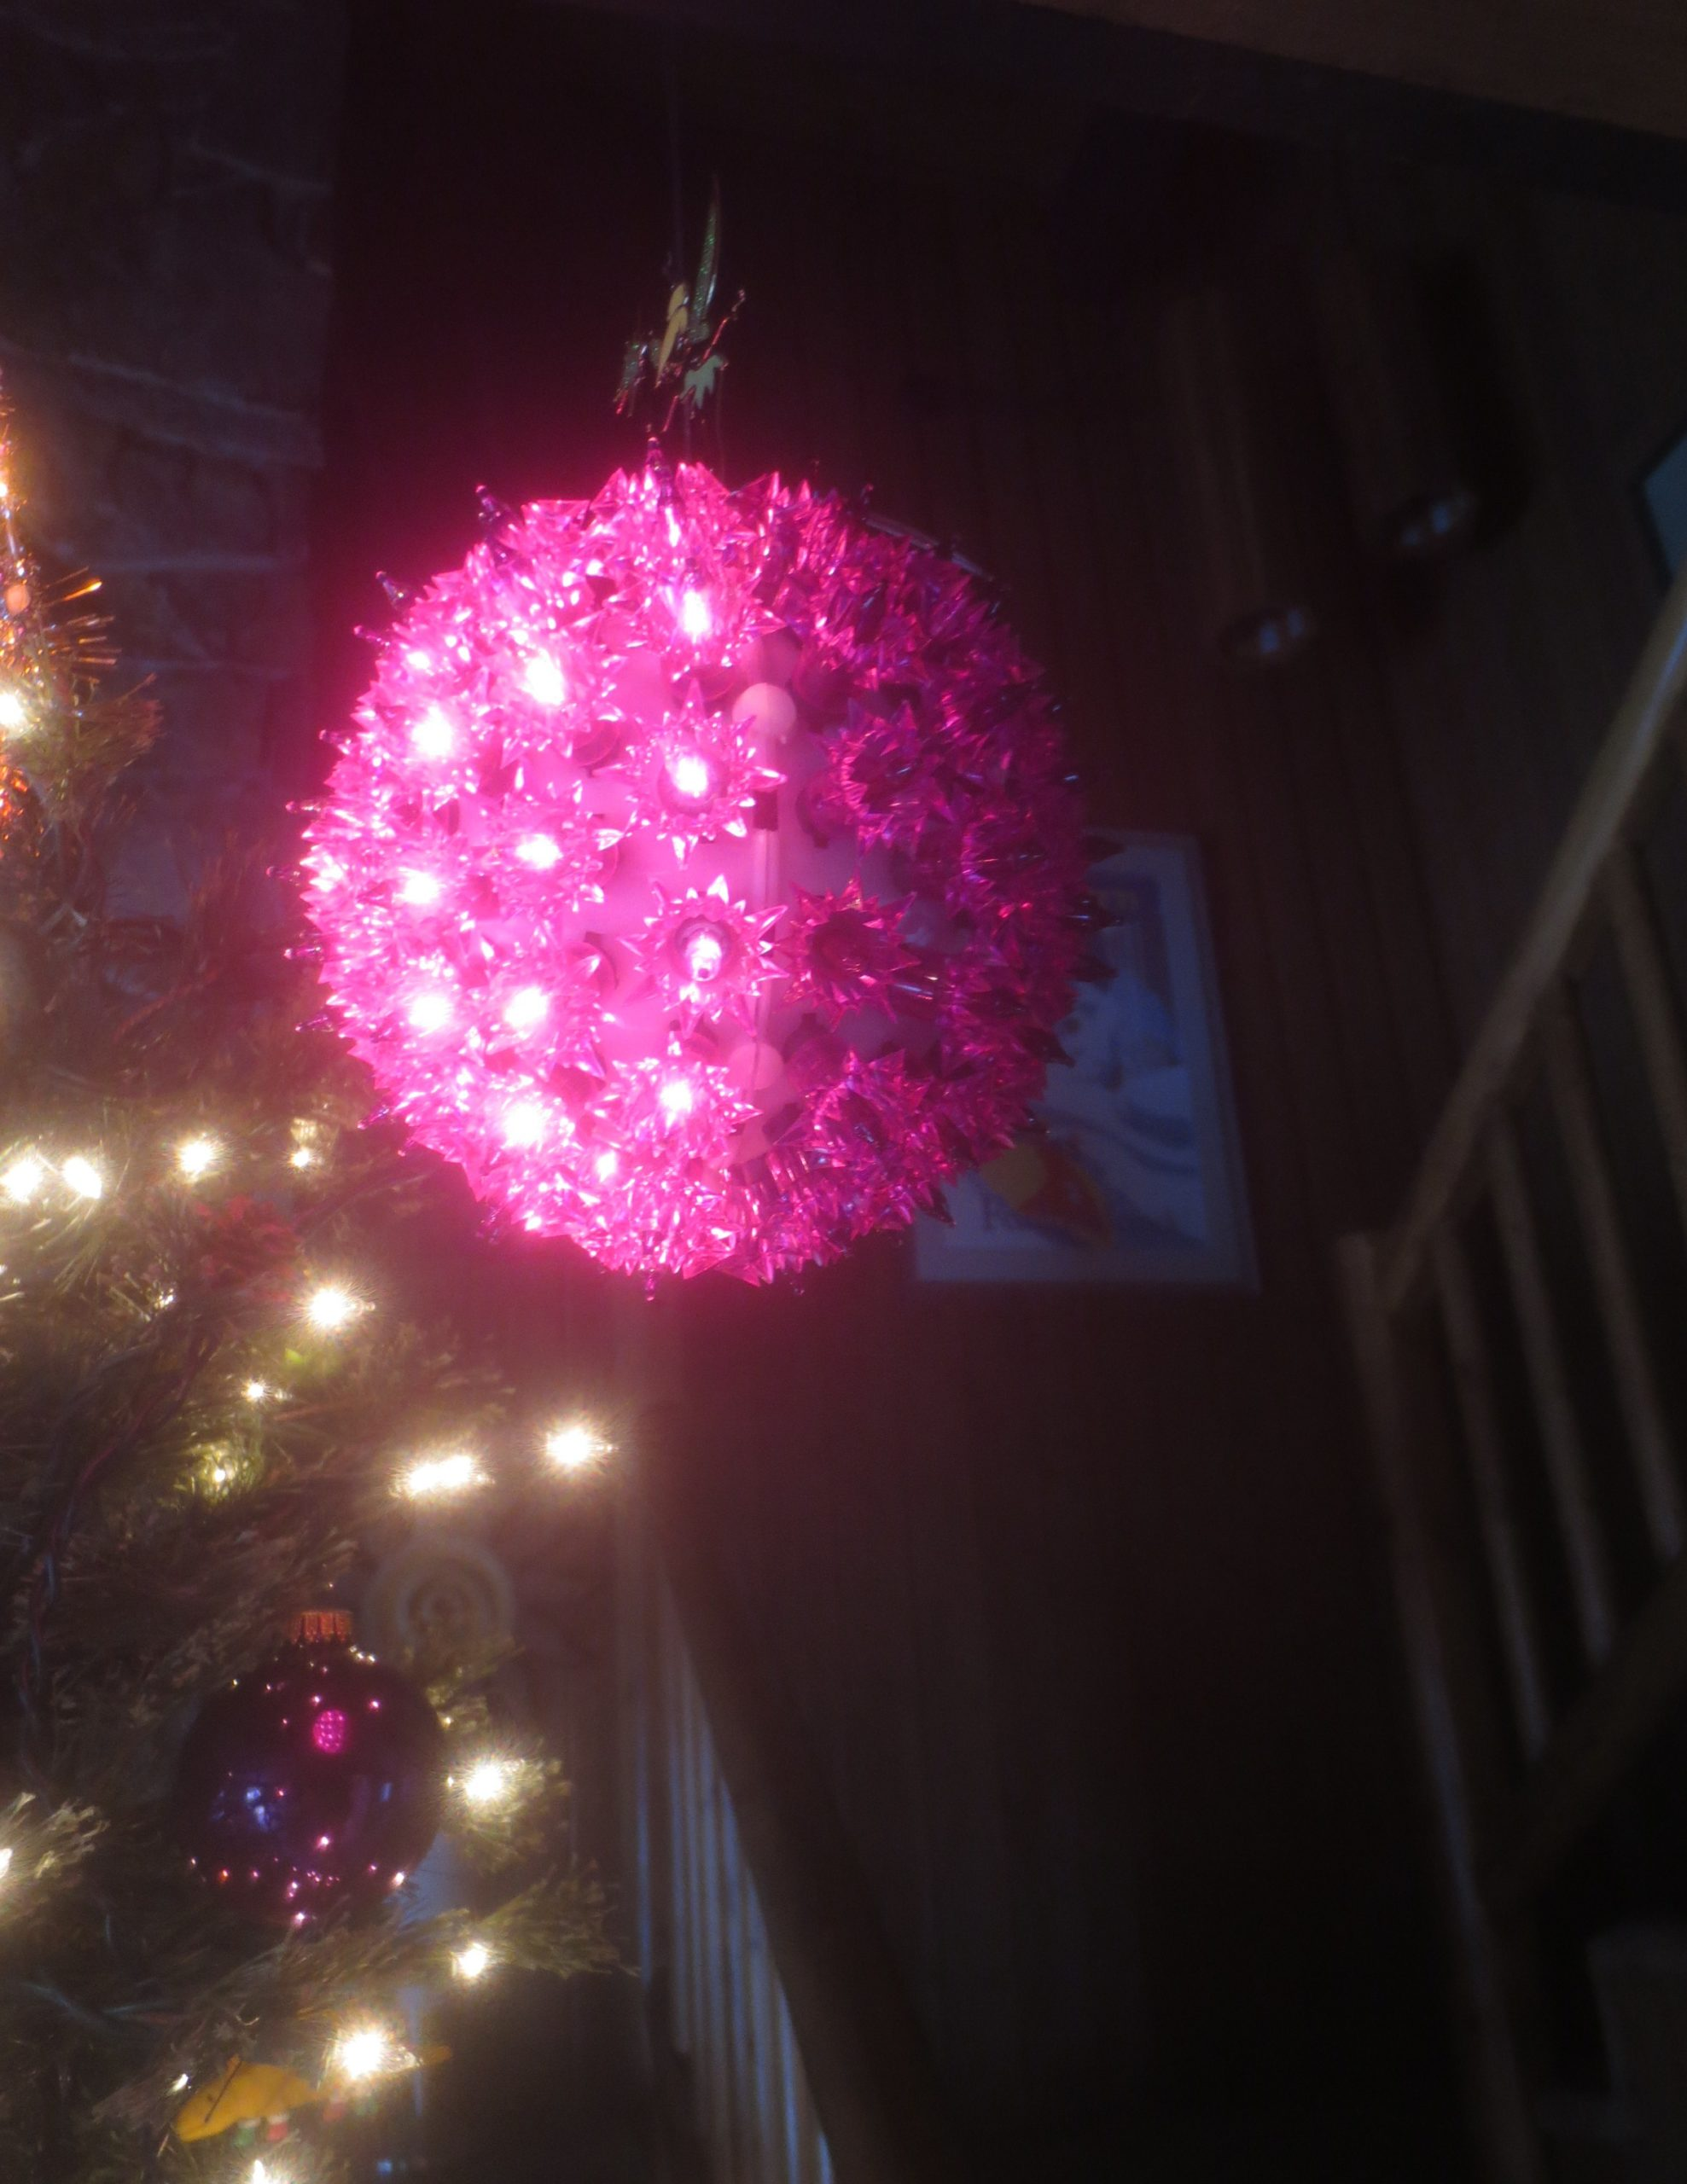 purple ball made form Christmas lights, half-lit